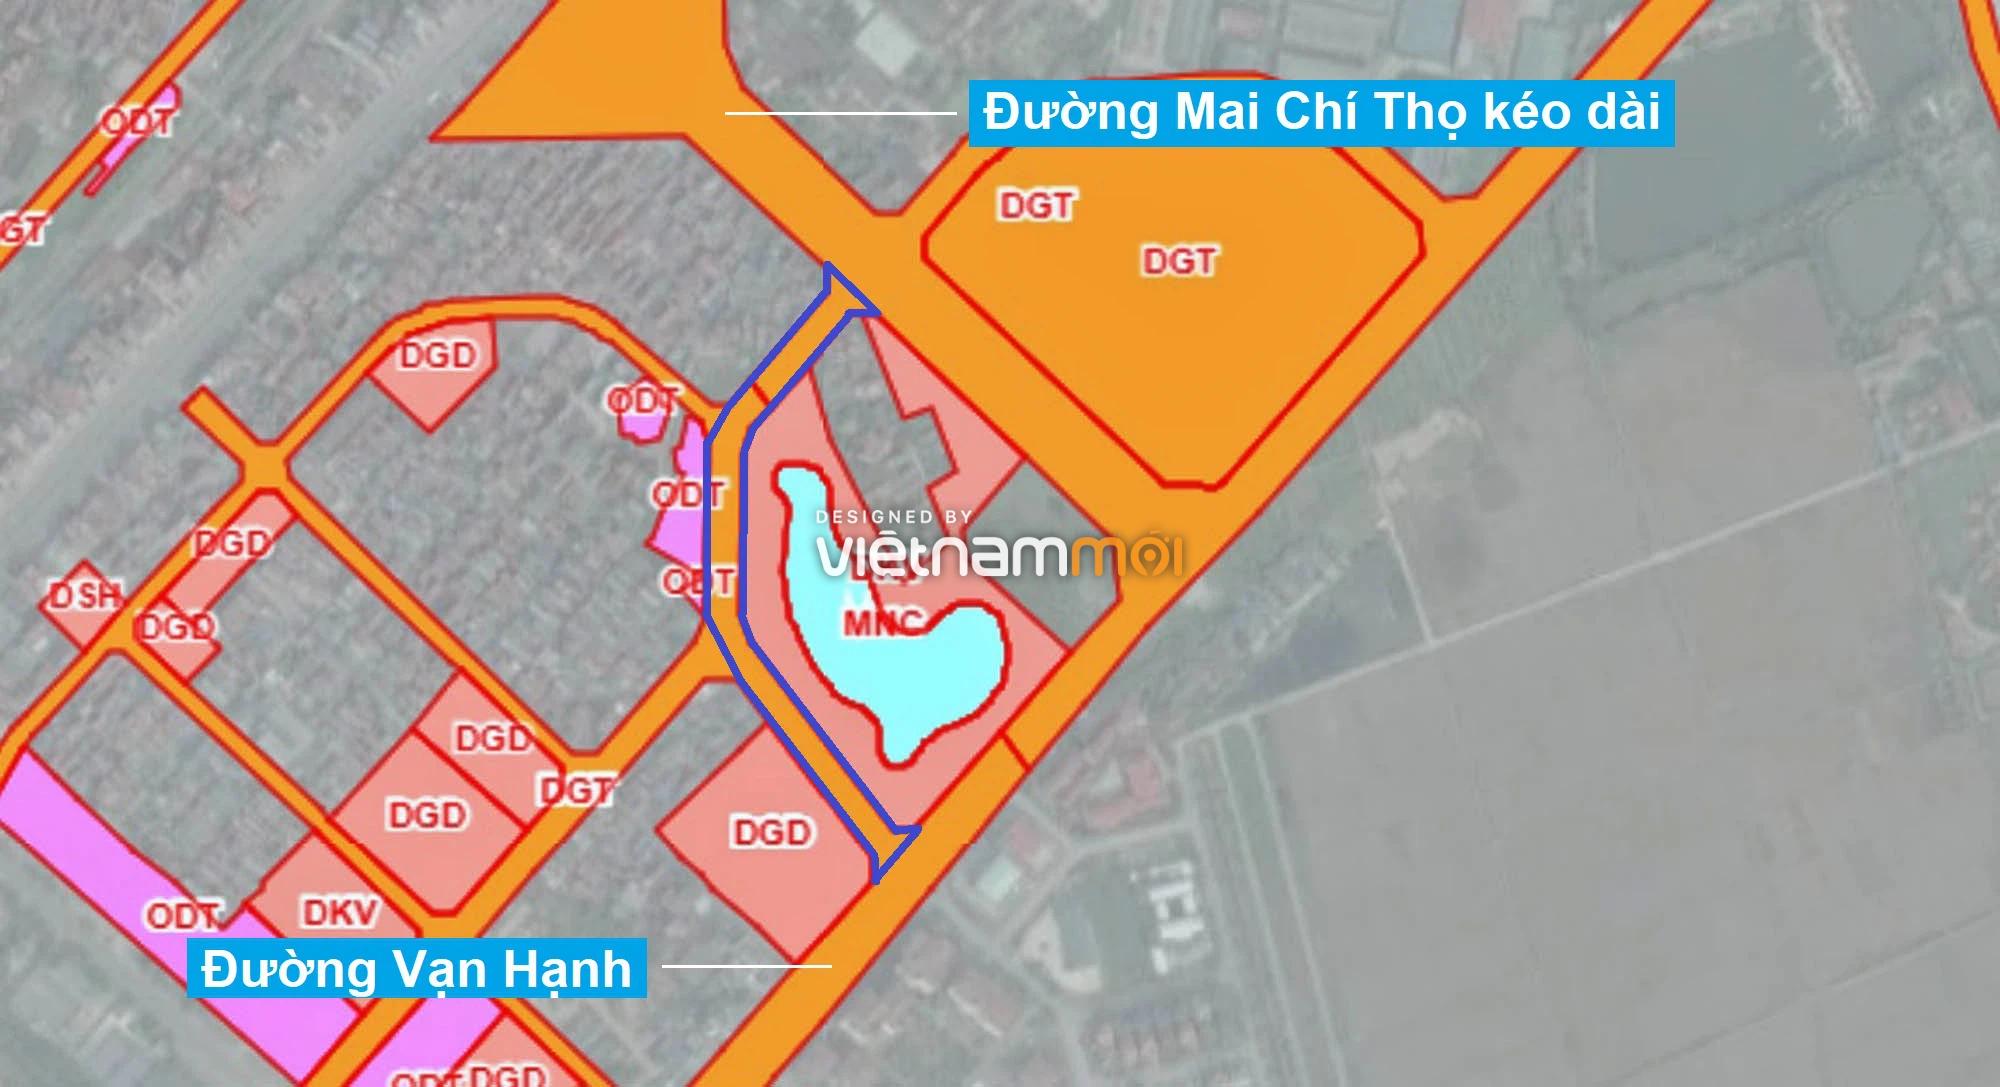 Những khu đất sắp thu hồi để mở đường ở phường Đức Giang, Long Biên, Hà Nội (phần 2) - Ảnh 1.